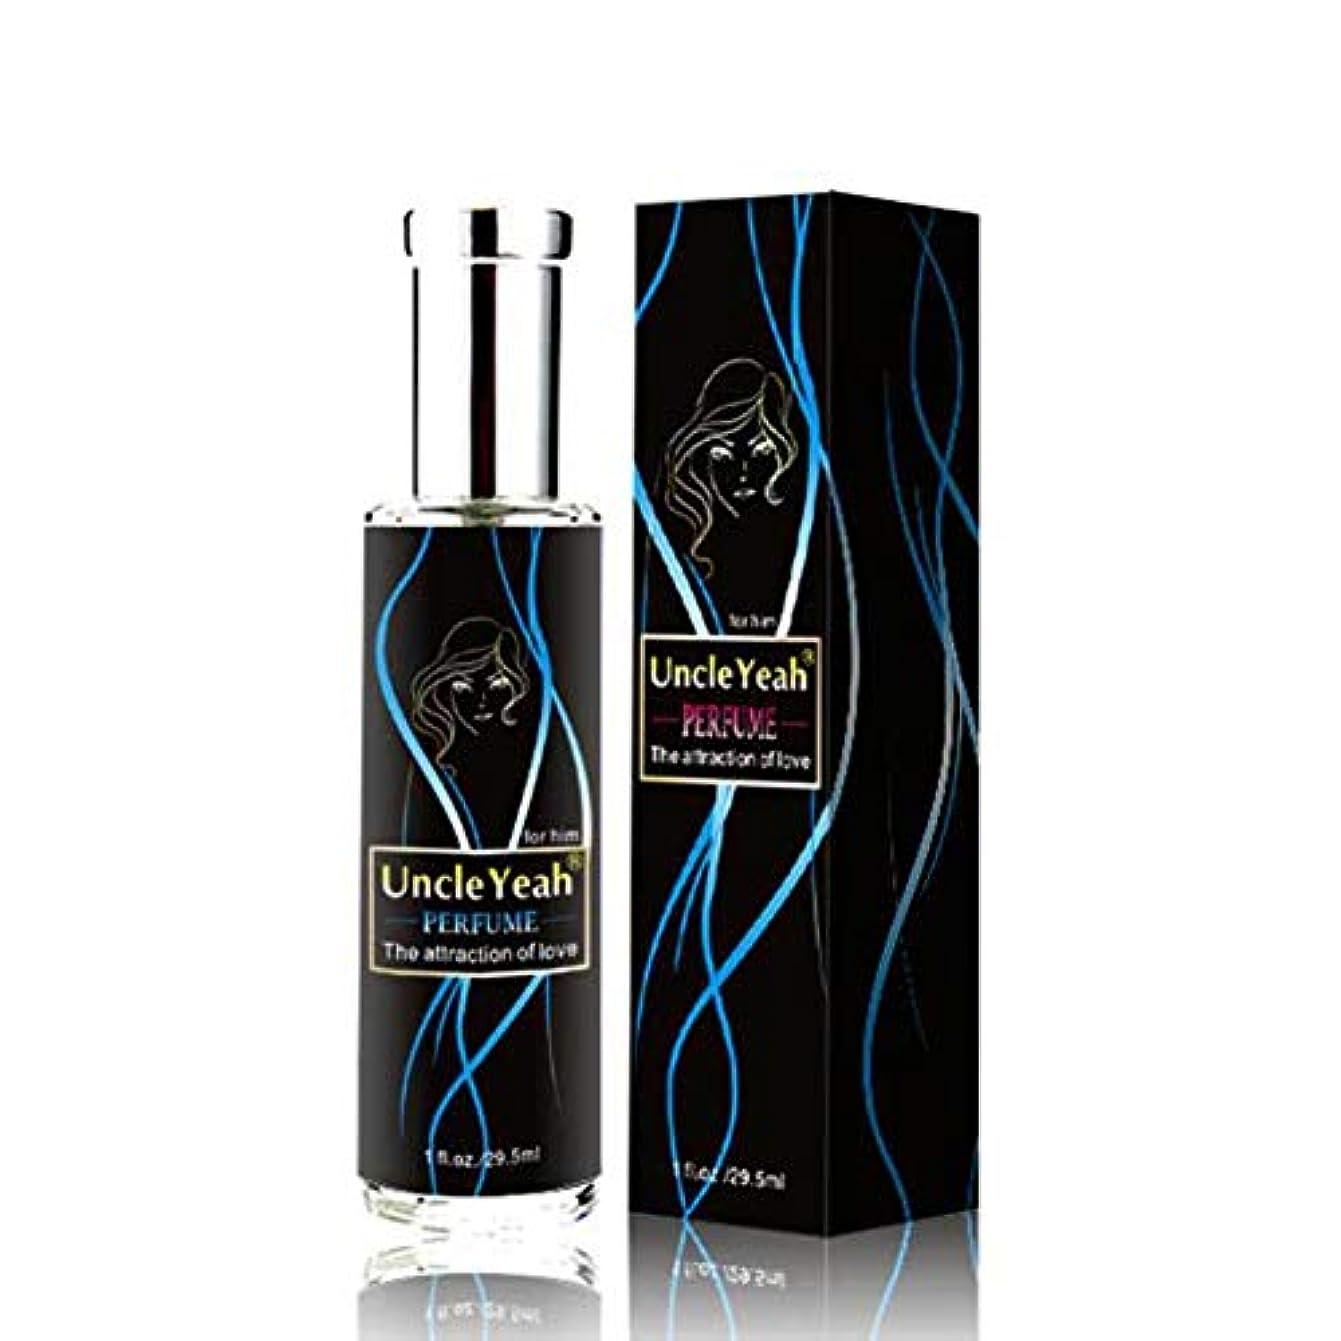 効能厳トライアスリートMoresave 男性用フェロモン香水 魅力をアップ 女性にもてる